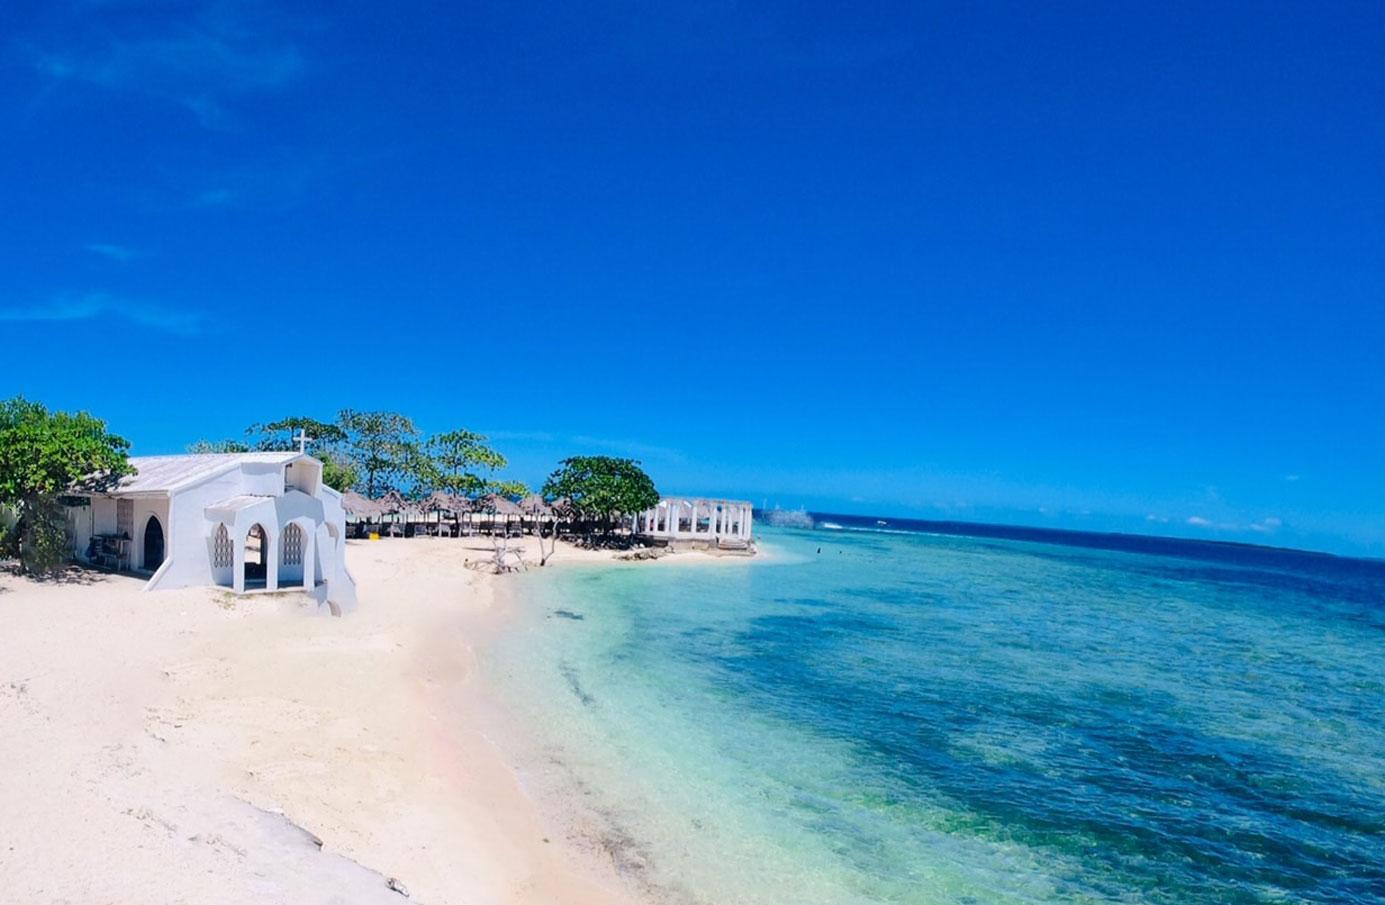 セブビーチフォト 離島 セブフォトウエディング離島 セブ離島で撮影